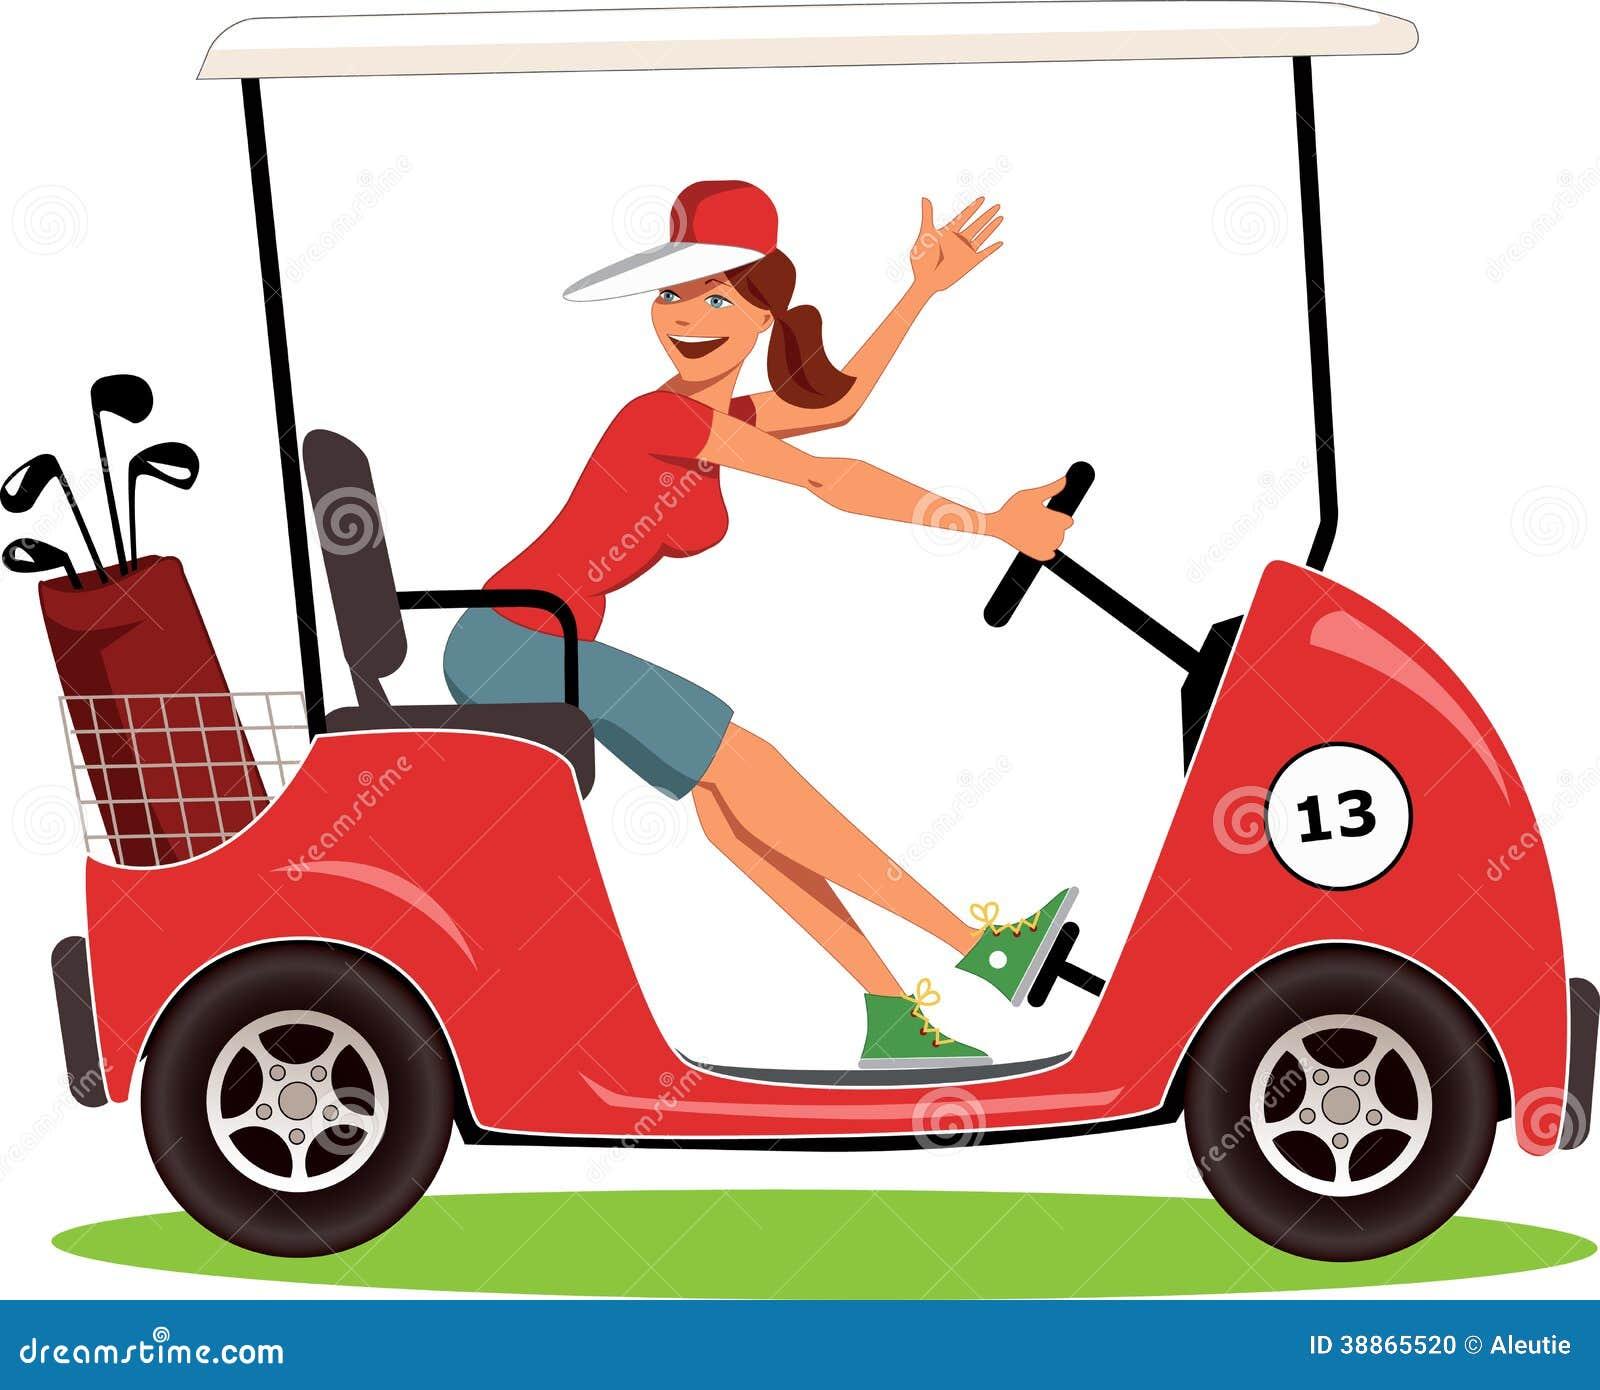 Golf Cart Driving Cartoon on golf coach cartoon, golf buggy cartoon, golf awards cartoon, snow blower cartoon, golf cap cartoon, hot tub cartoon, golf card cartoon, driving range cartoon, golf stand cartoon, golf coffee cartoon, couples golf cartoon, golf car line art,